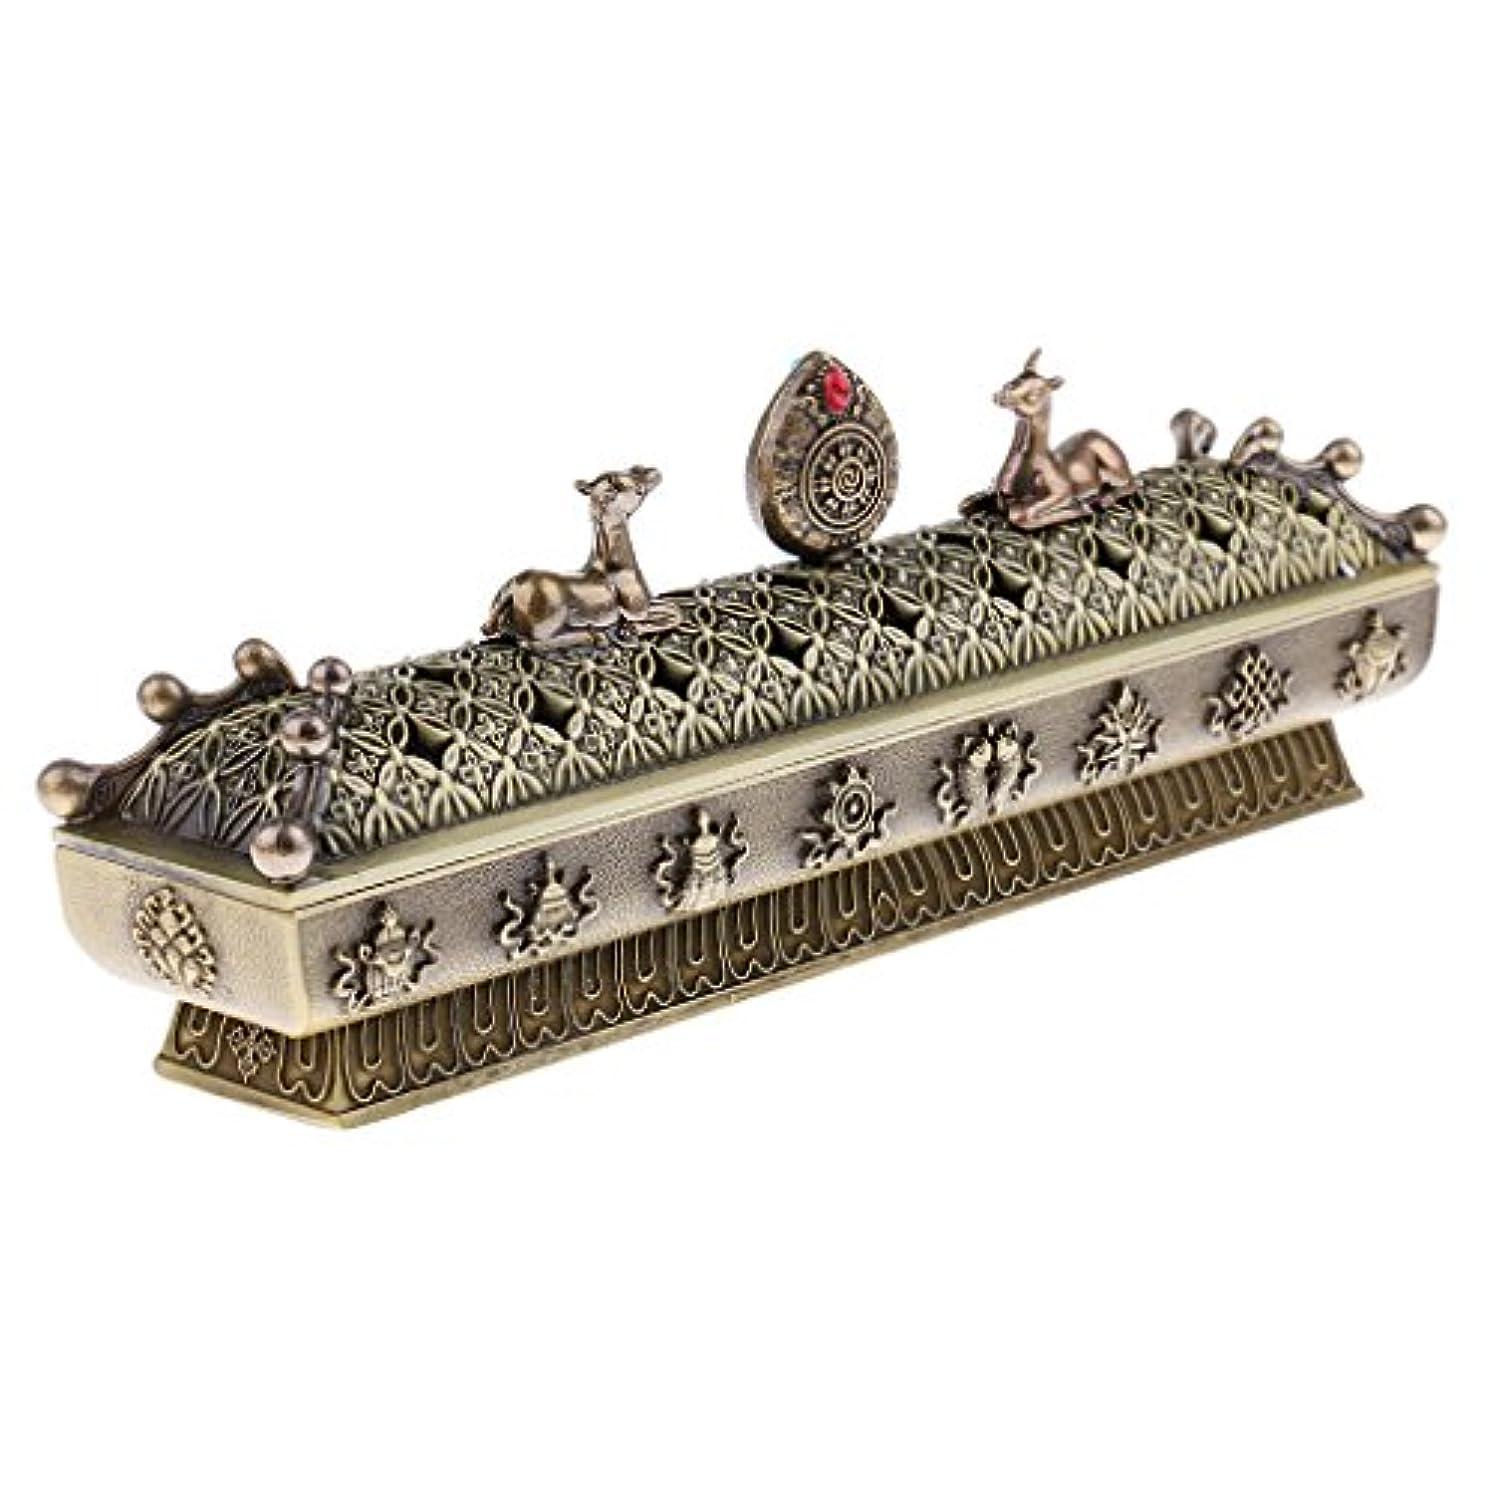 好戦的な巻き取り火曜日SONONIA 仏教 コーン 香りバーナー アッシュキャッチャー 香炉 全3色 - ブロンズ